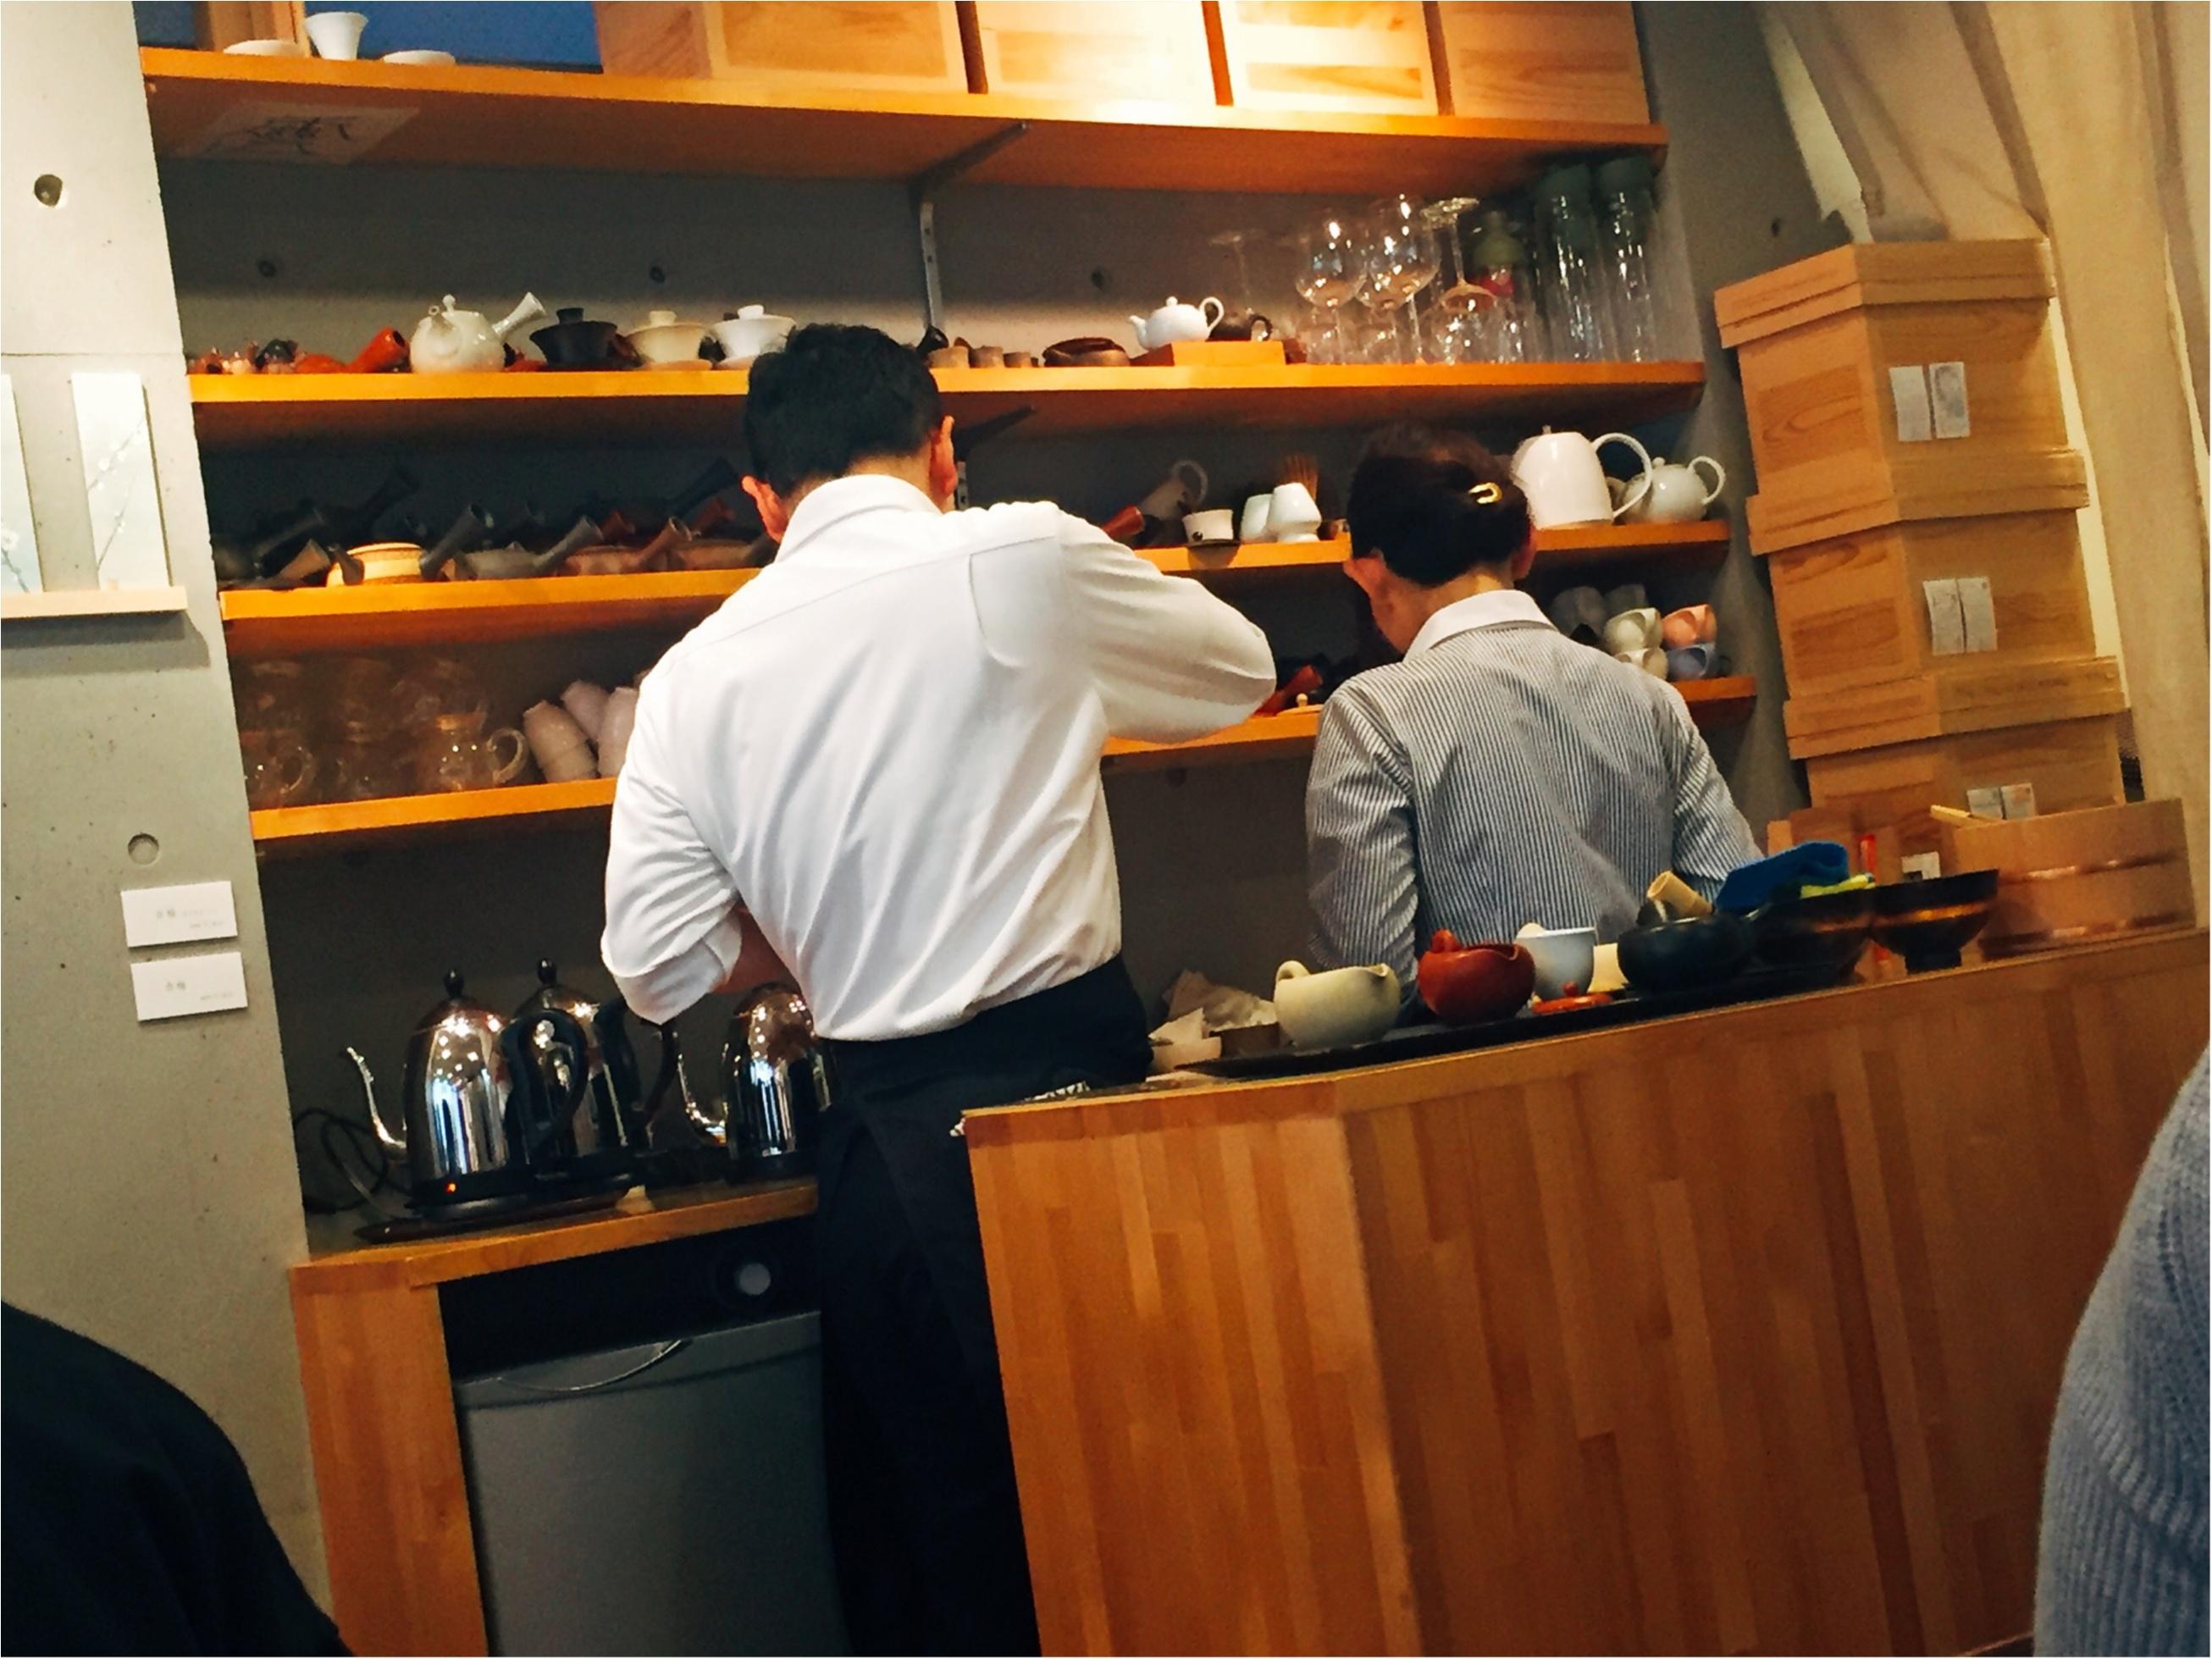 【表参道】日本茶が楽しめるカフェ♡期間限定《苺いり抹茶ティラミス》を食べに行きました♩_3